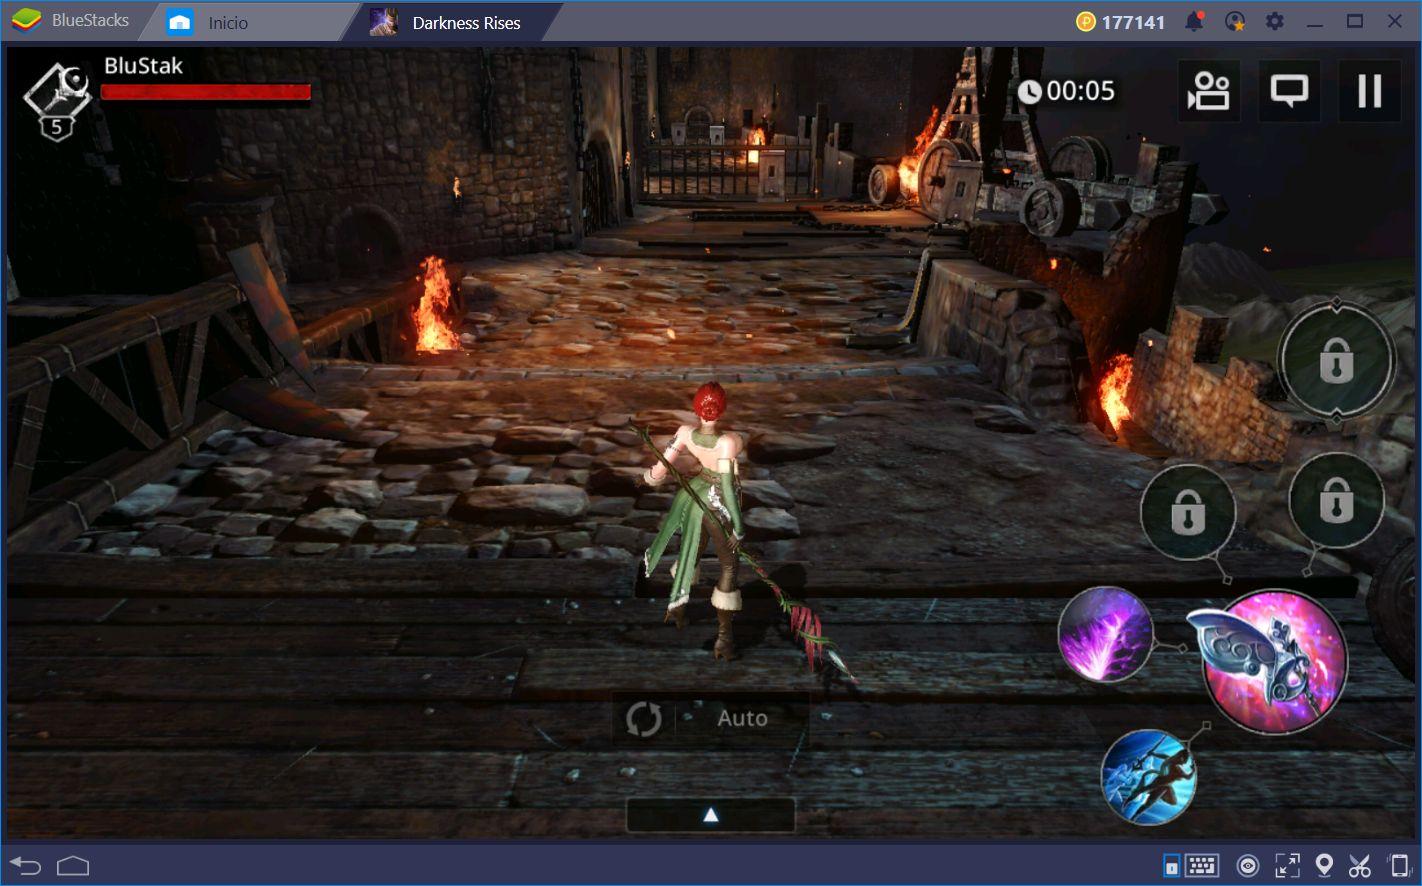 Darkness Rises—El RPG que Combina una Emocionante Narrativa con Elementos de Juegos Arcade